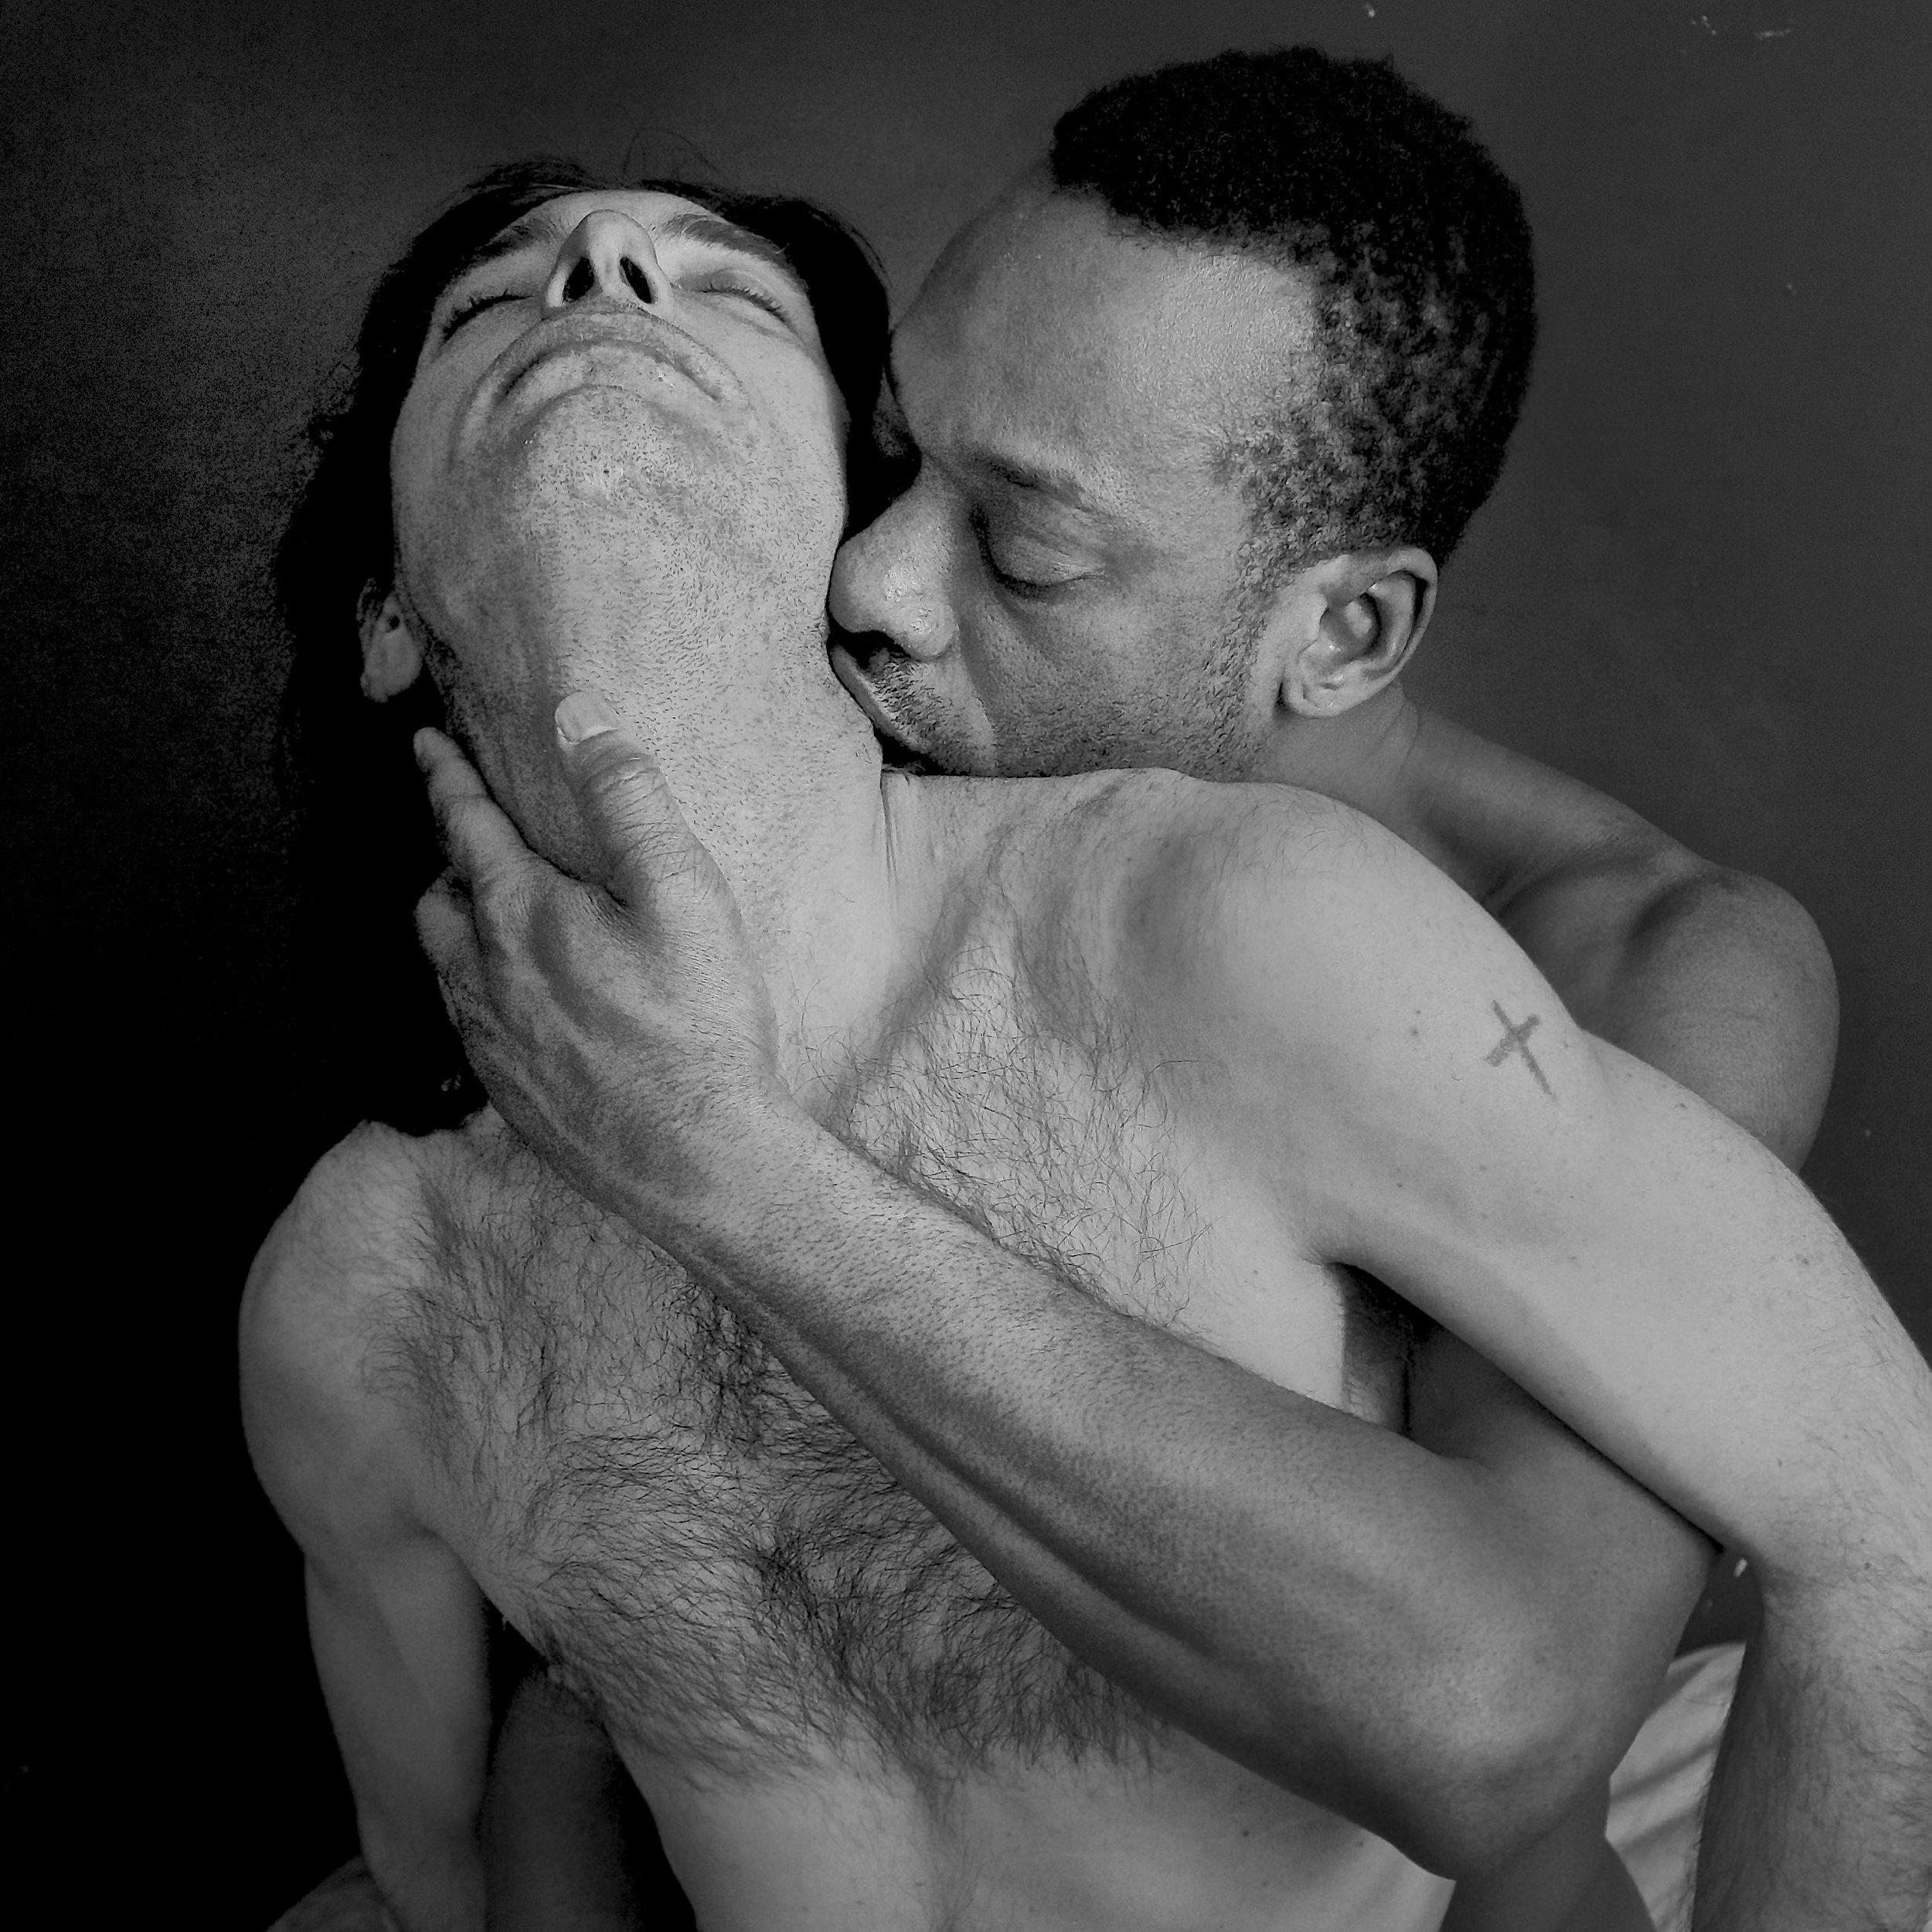 Ken and his Lover- DSC2030(3)-V2.jpg